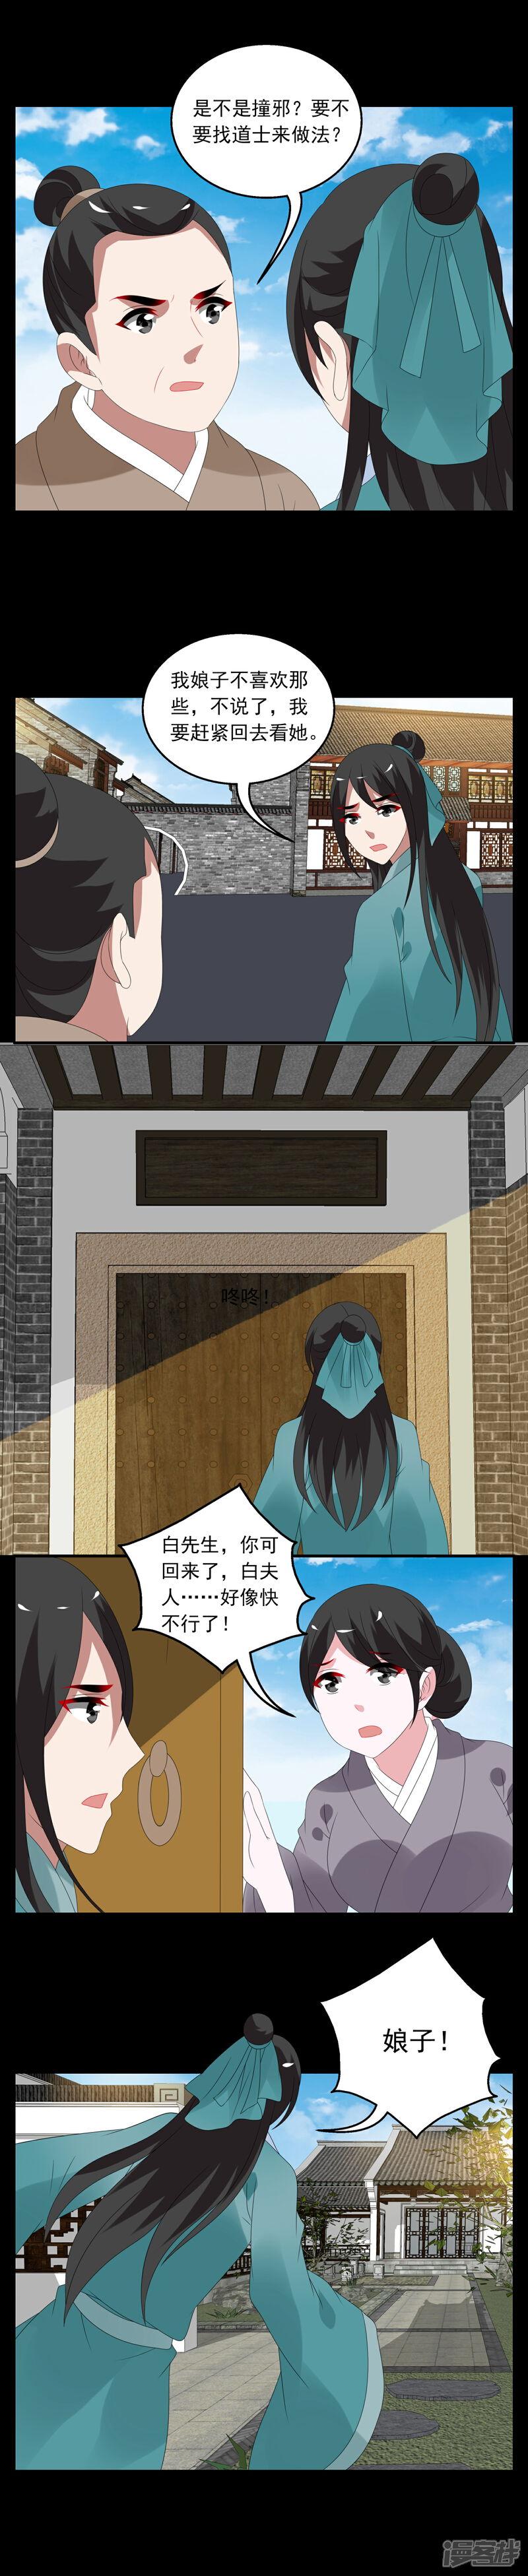 洛小妖137 (6).JPG